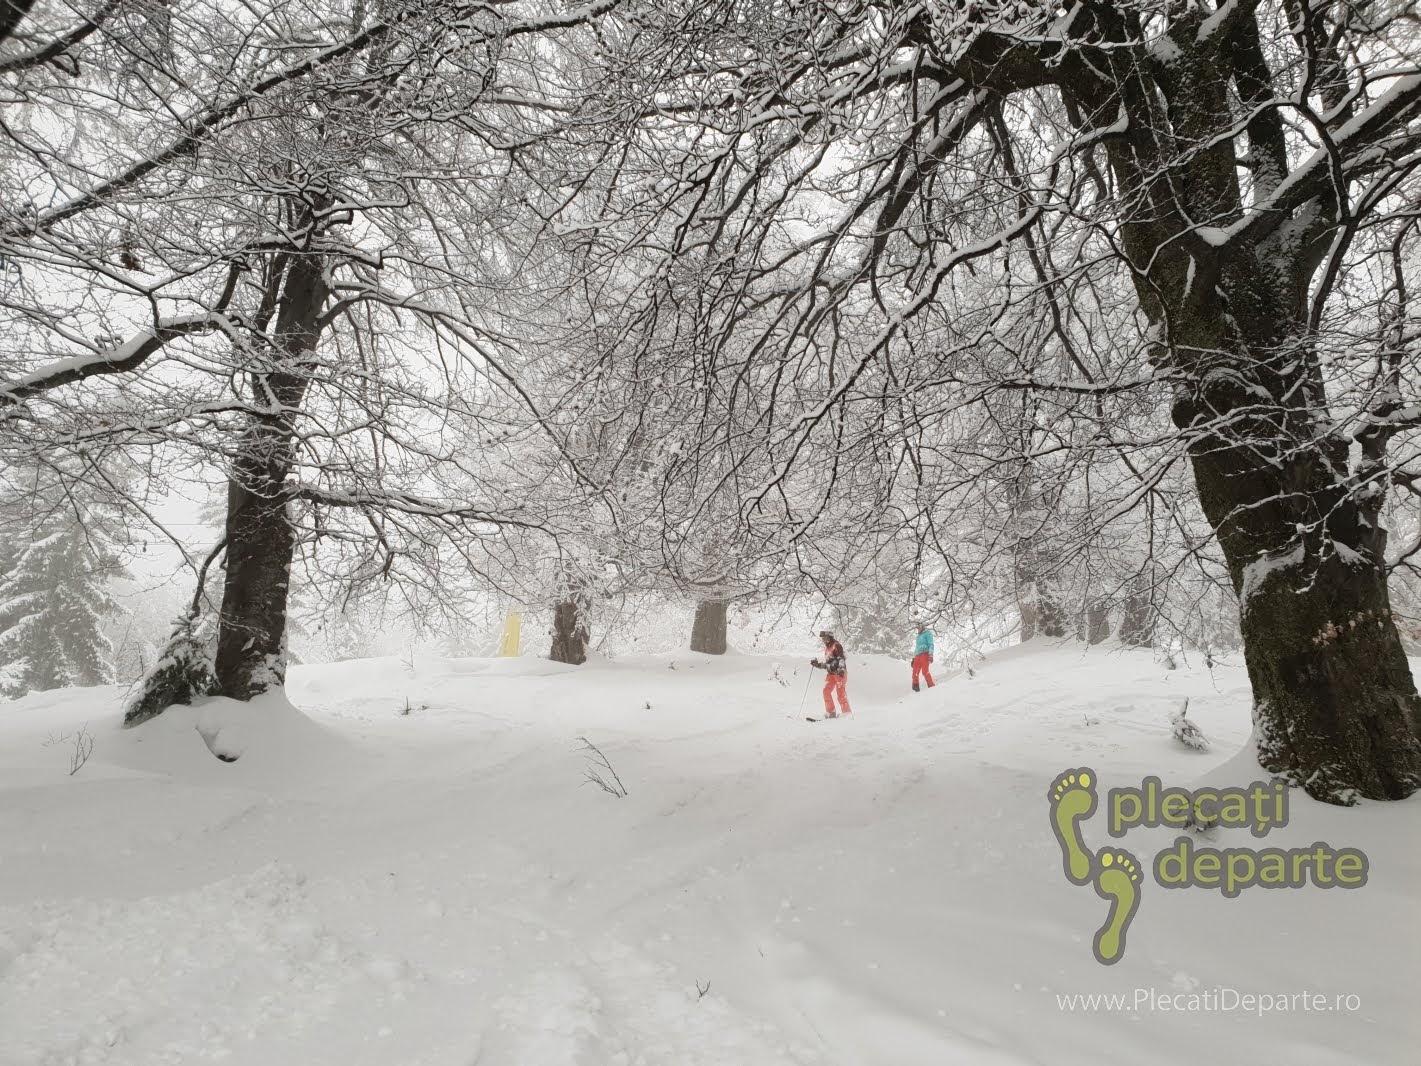 Freeride in zapada mare, printre copaci, pe partia de ski din Parang in 2019